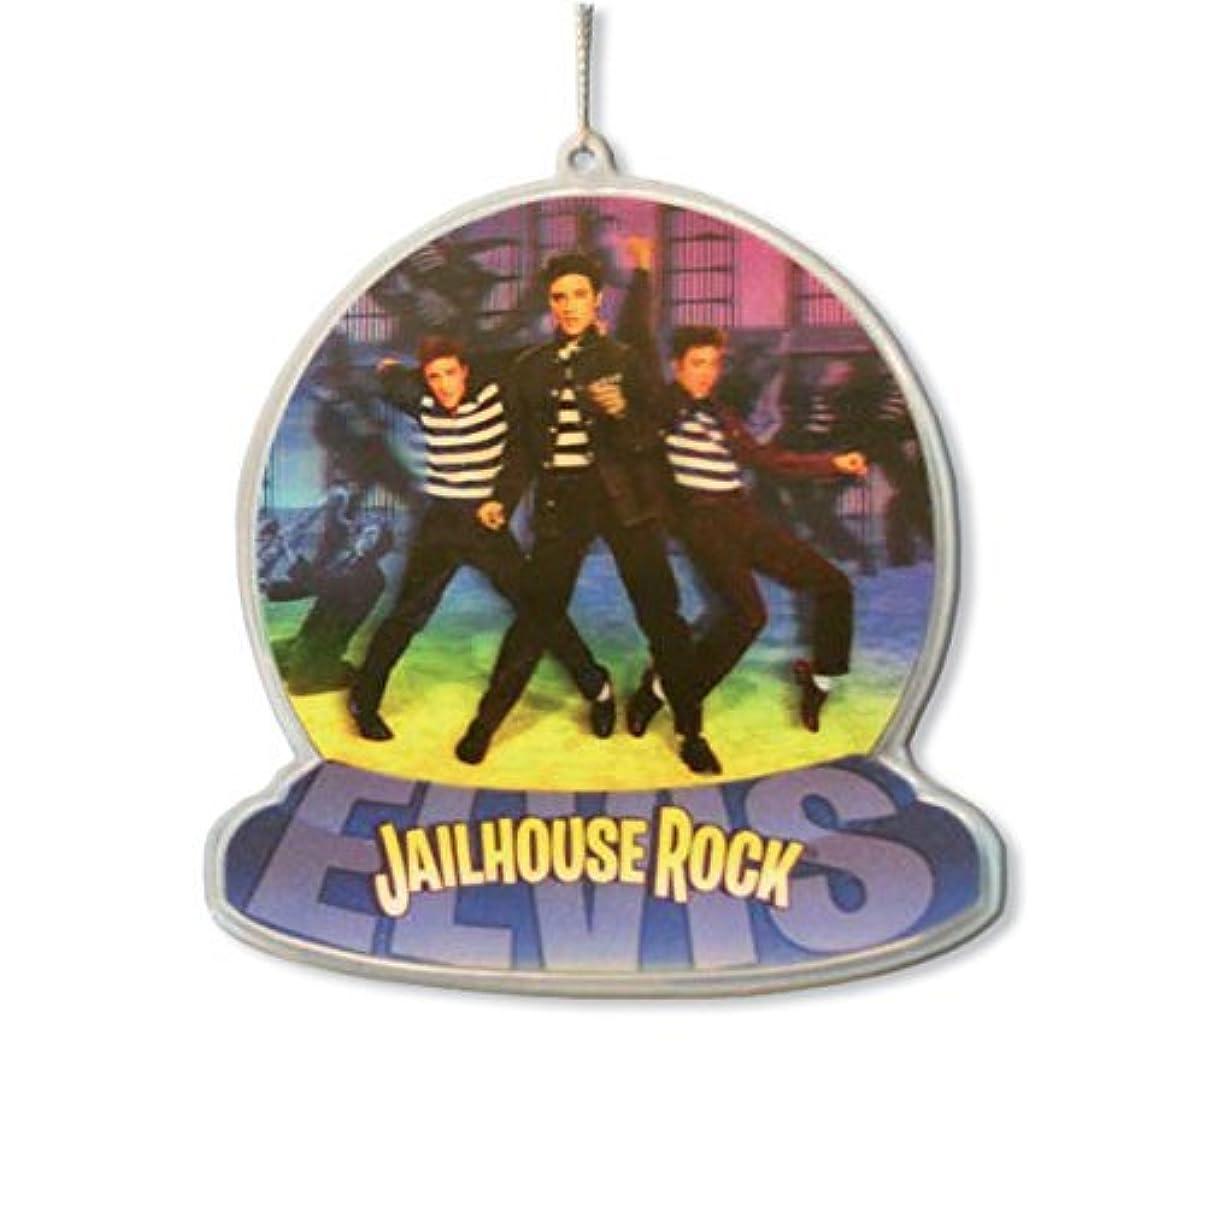 放映手錠クラシックエルヴィス?プレスリー JAIL HOUSE ROCK クリスマス オーナメント 飾り 装飾 【ロンドン直輸入オフィシャルグッズ】